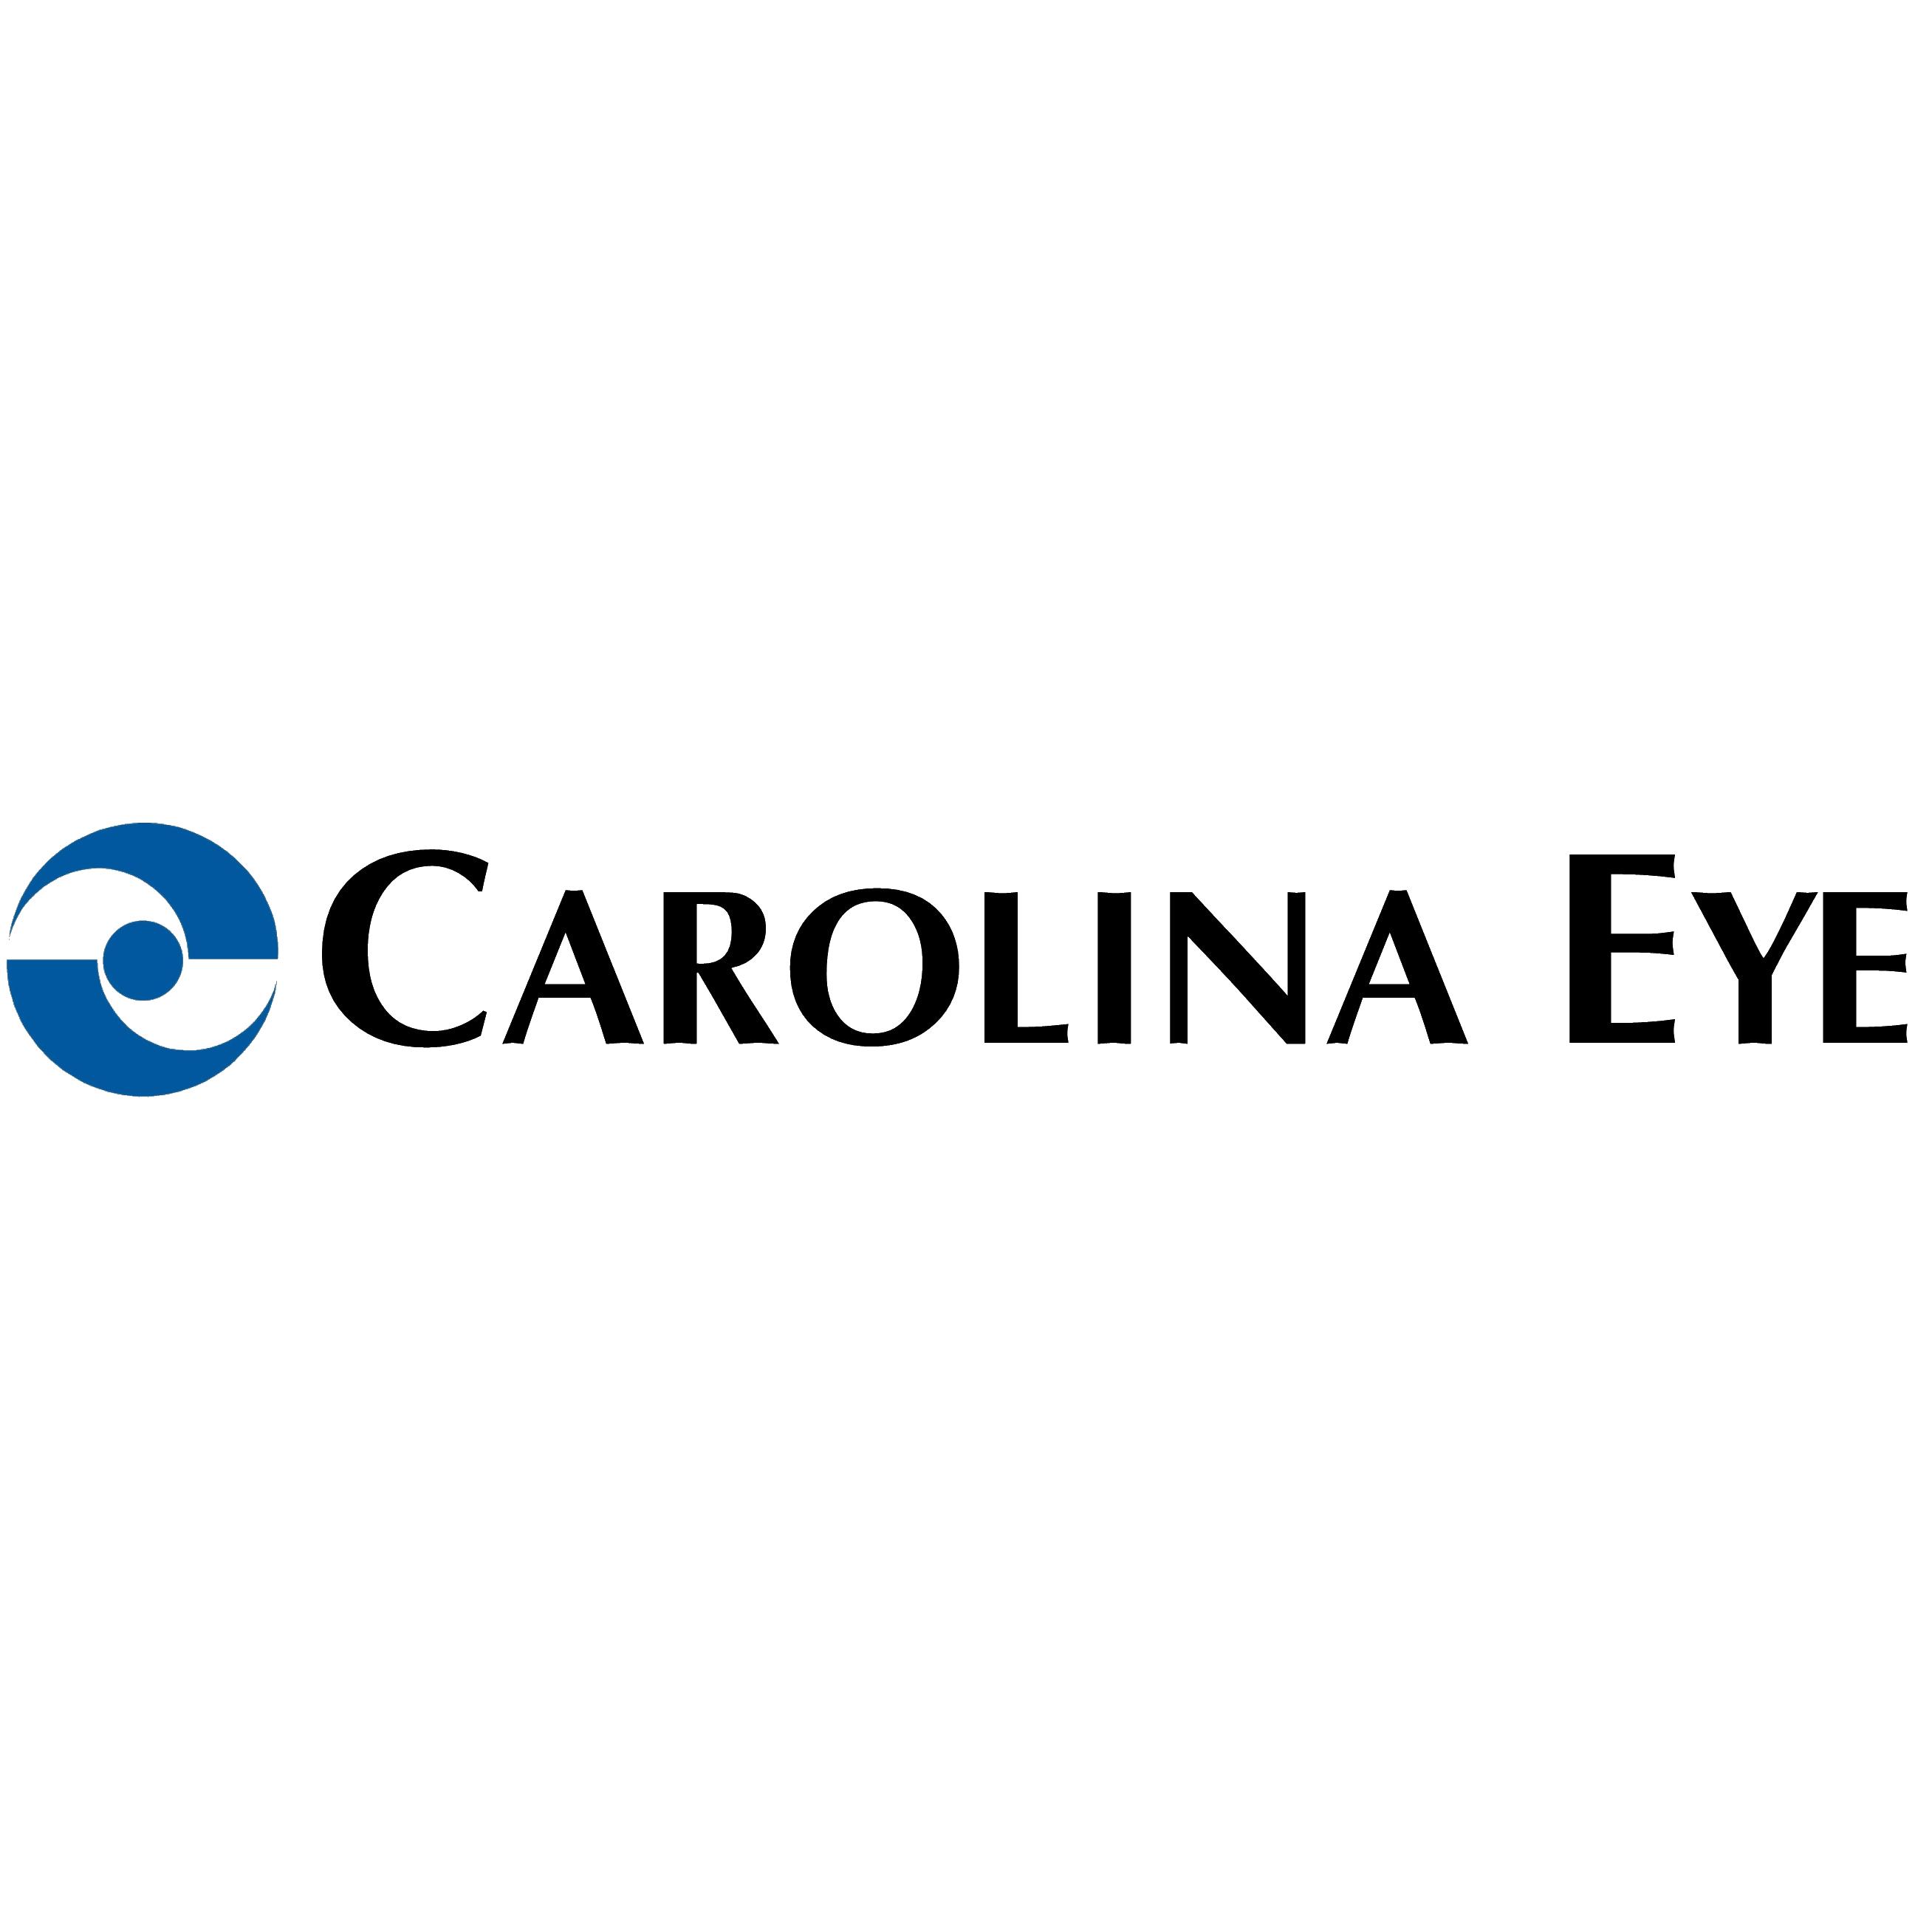 Carolina Eye